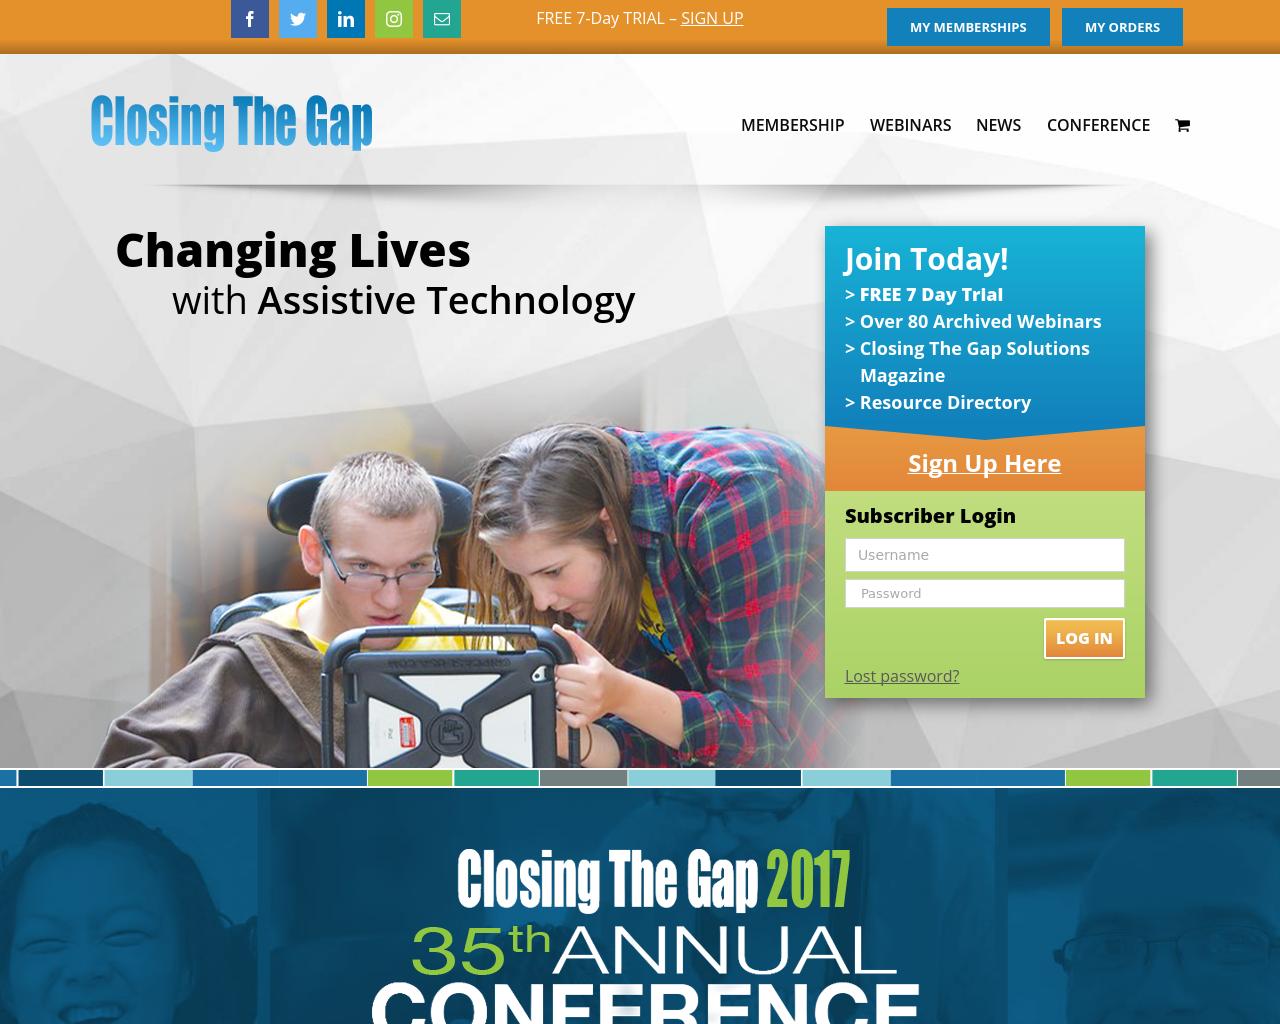 Closing-The-Gap-Advertising-Reviews-Pricing